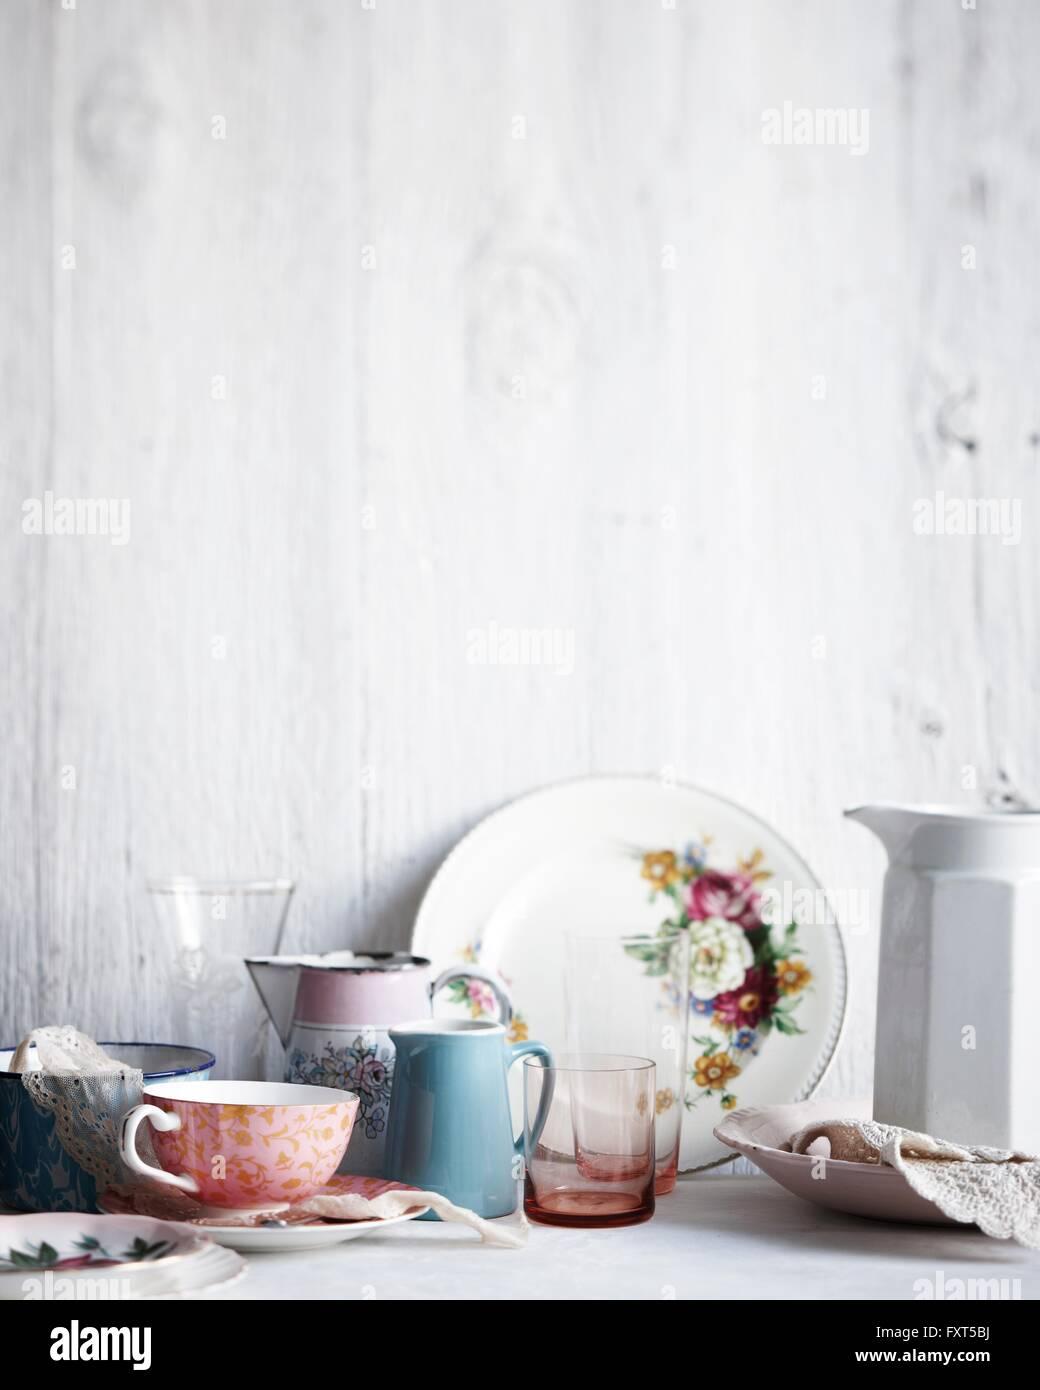 Variété de verres à boire, assiettes et cruches sur tableau blanc Photo Stock